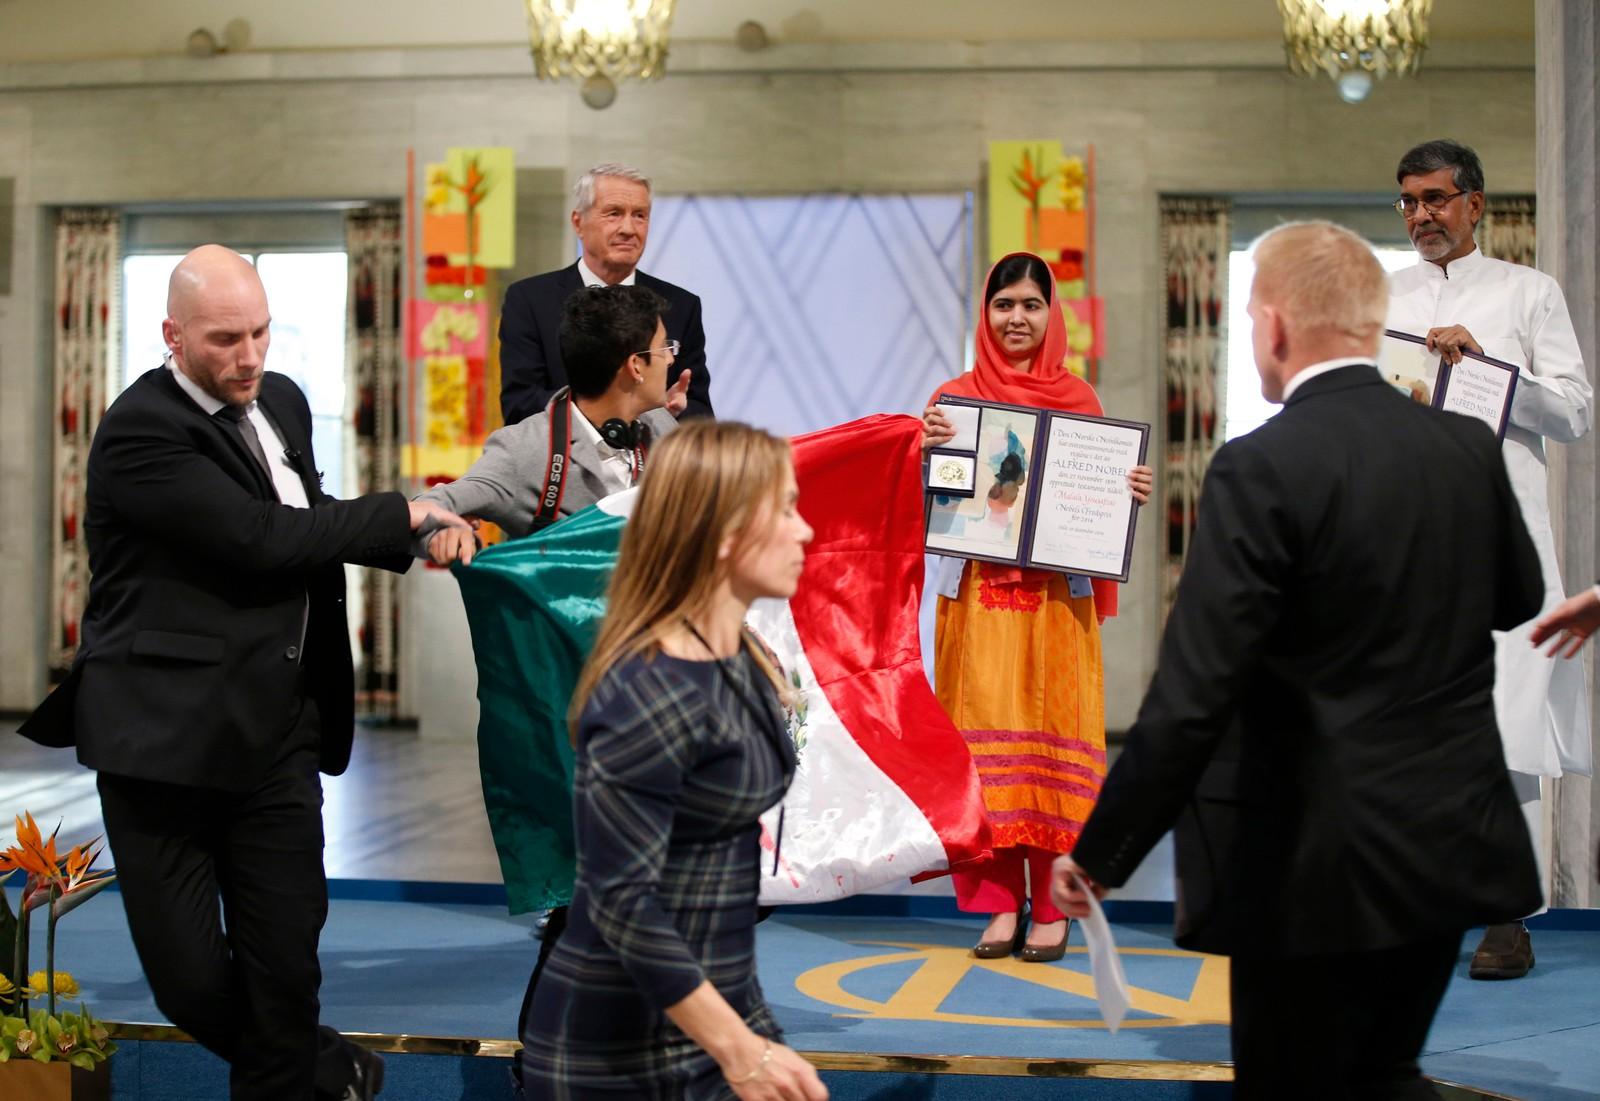 DRAMA: Det var under selve medaljeutdelingen i Oslo rådhus onsdag 10. desember at mannen stormet mot scenen. Thorbjørn Jagland var en av de første til å reagere. Deretter ble mannen, som holdt et mexicansk flagg, ført bort av sikkerhetsvakter. Bla i galleriet for å se flere bilder fra hendelsen.